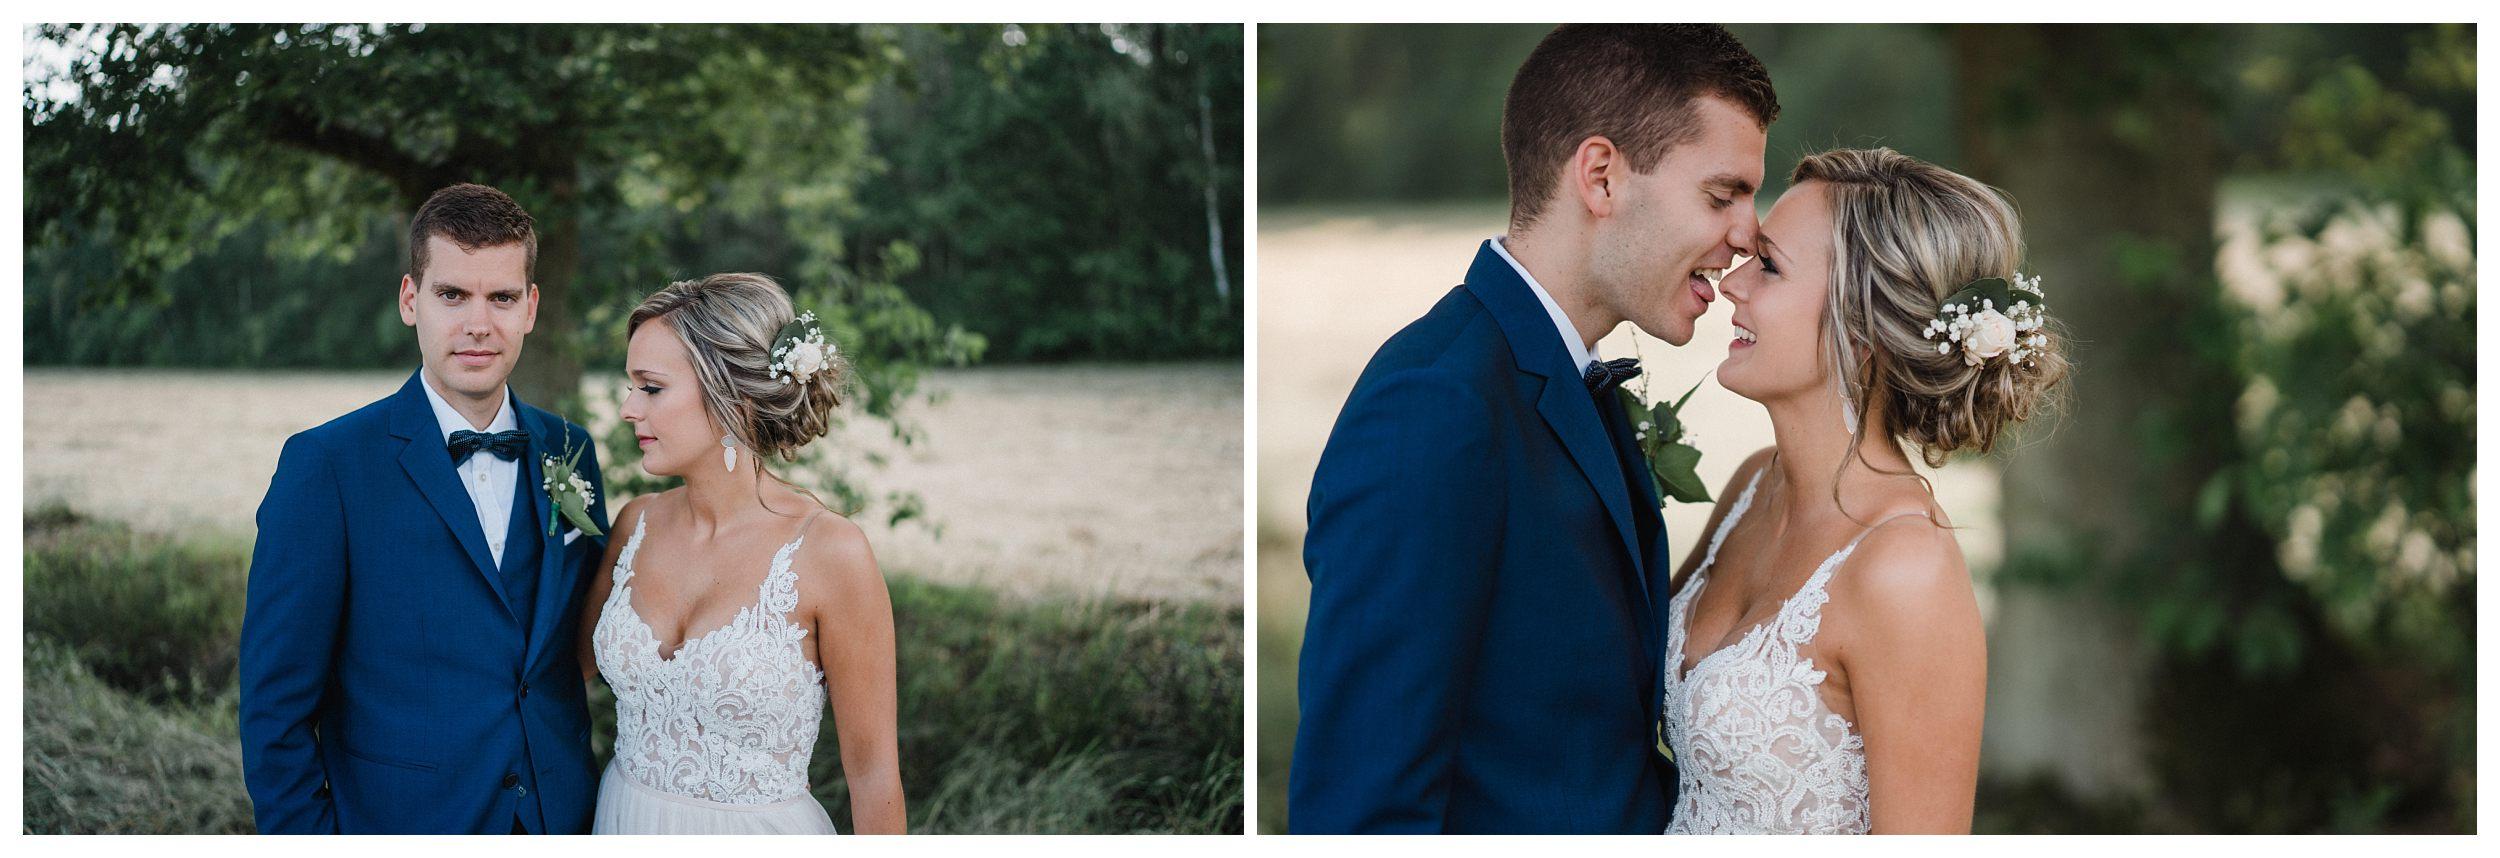 huwelijksfotograaf bruidsfotograaf destinationwedding huwelijksfotografie in mol oostham (21).jpg